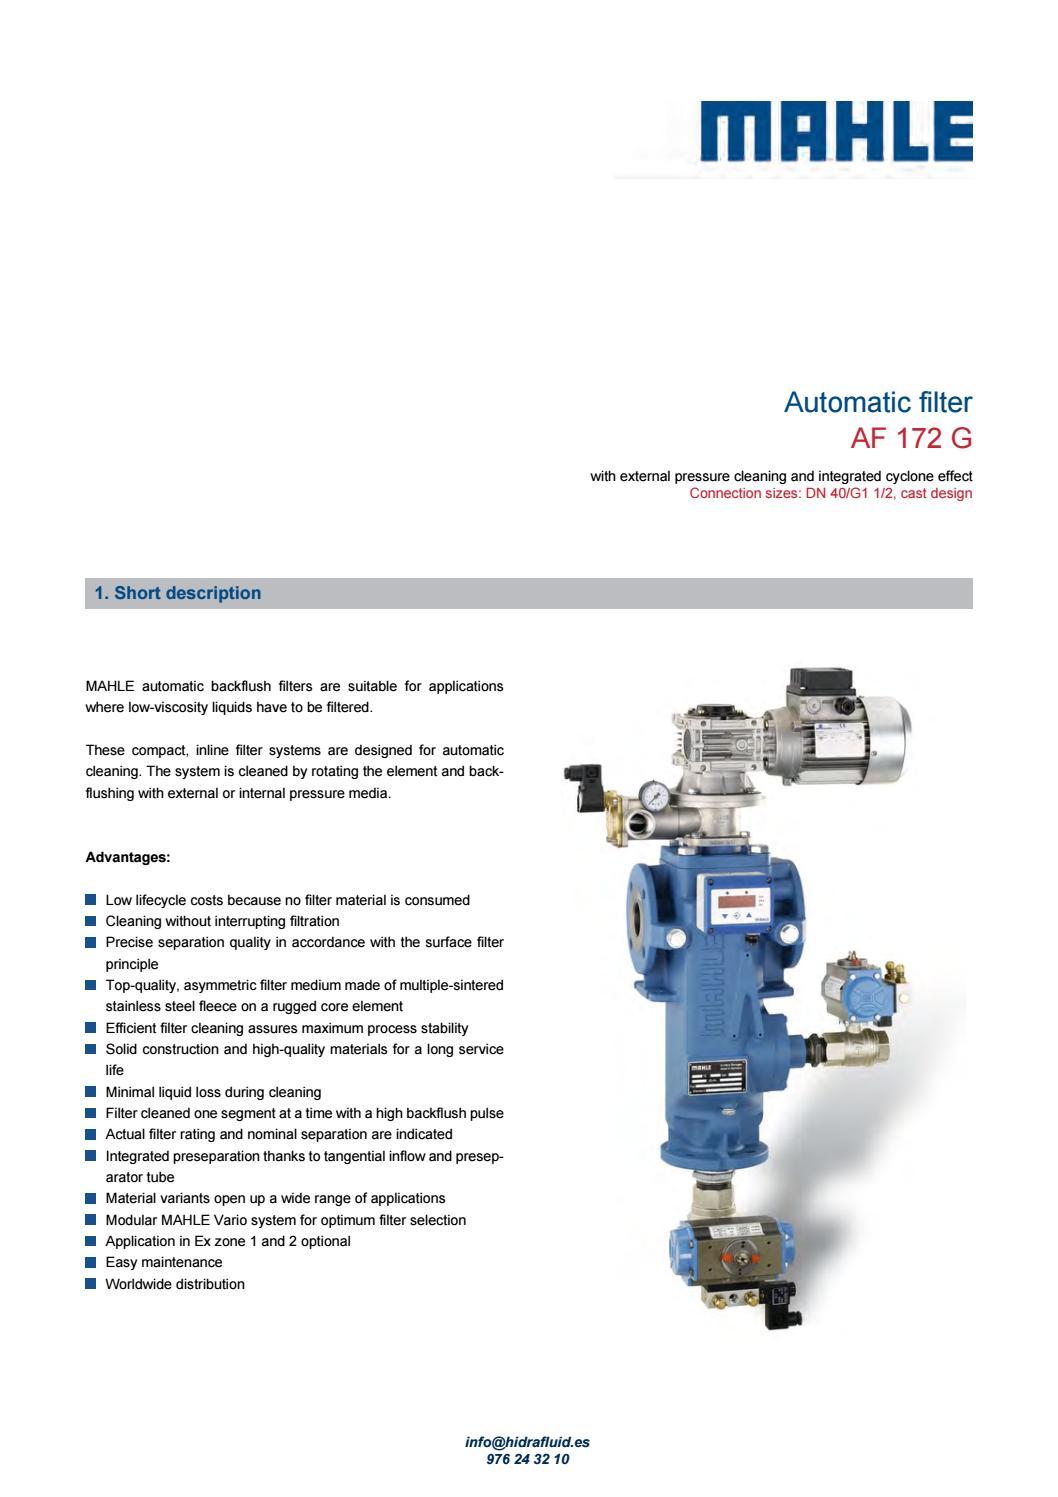 FILTRO AUTOLIMPIANTE AF 172 MAHLE by hidrafluid - issuu